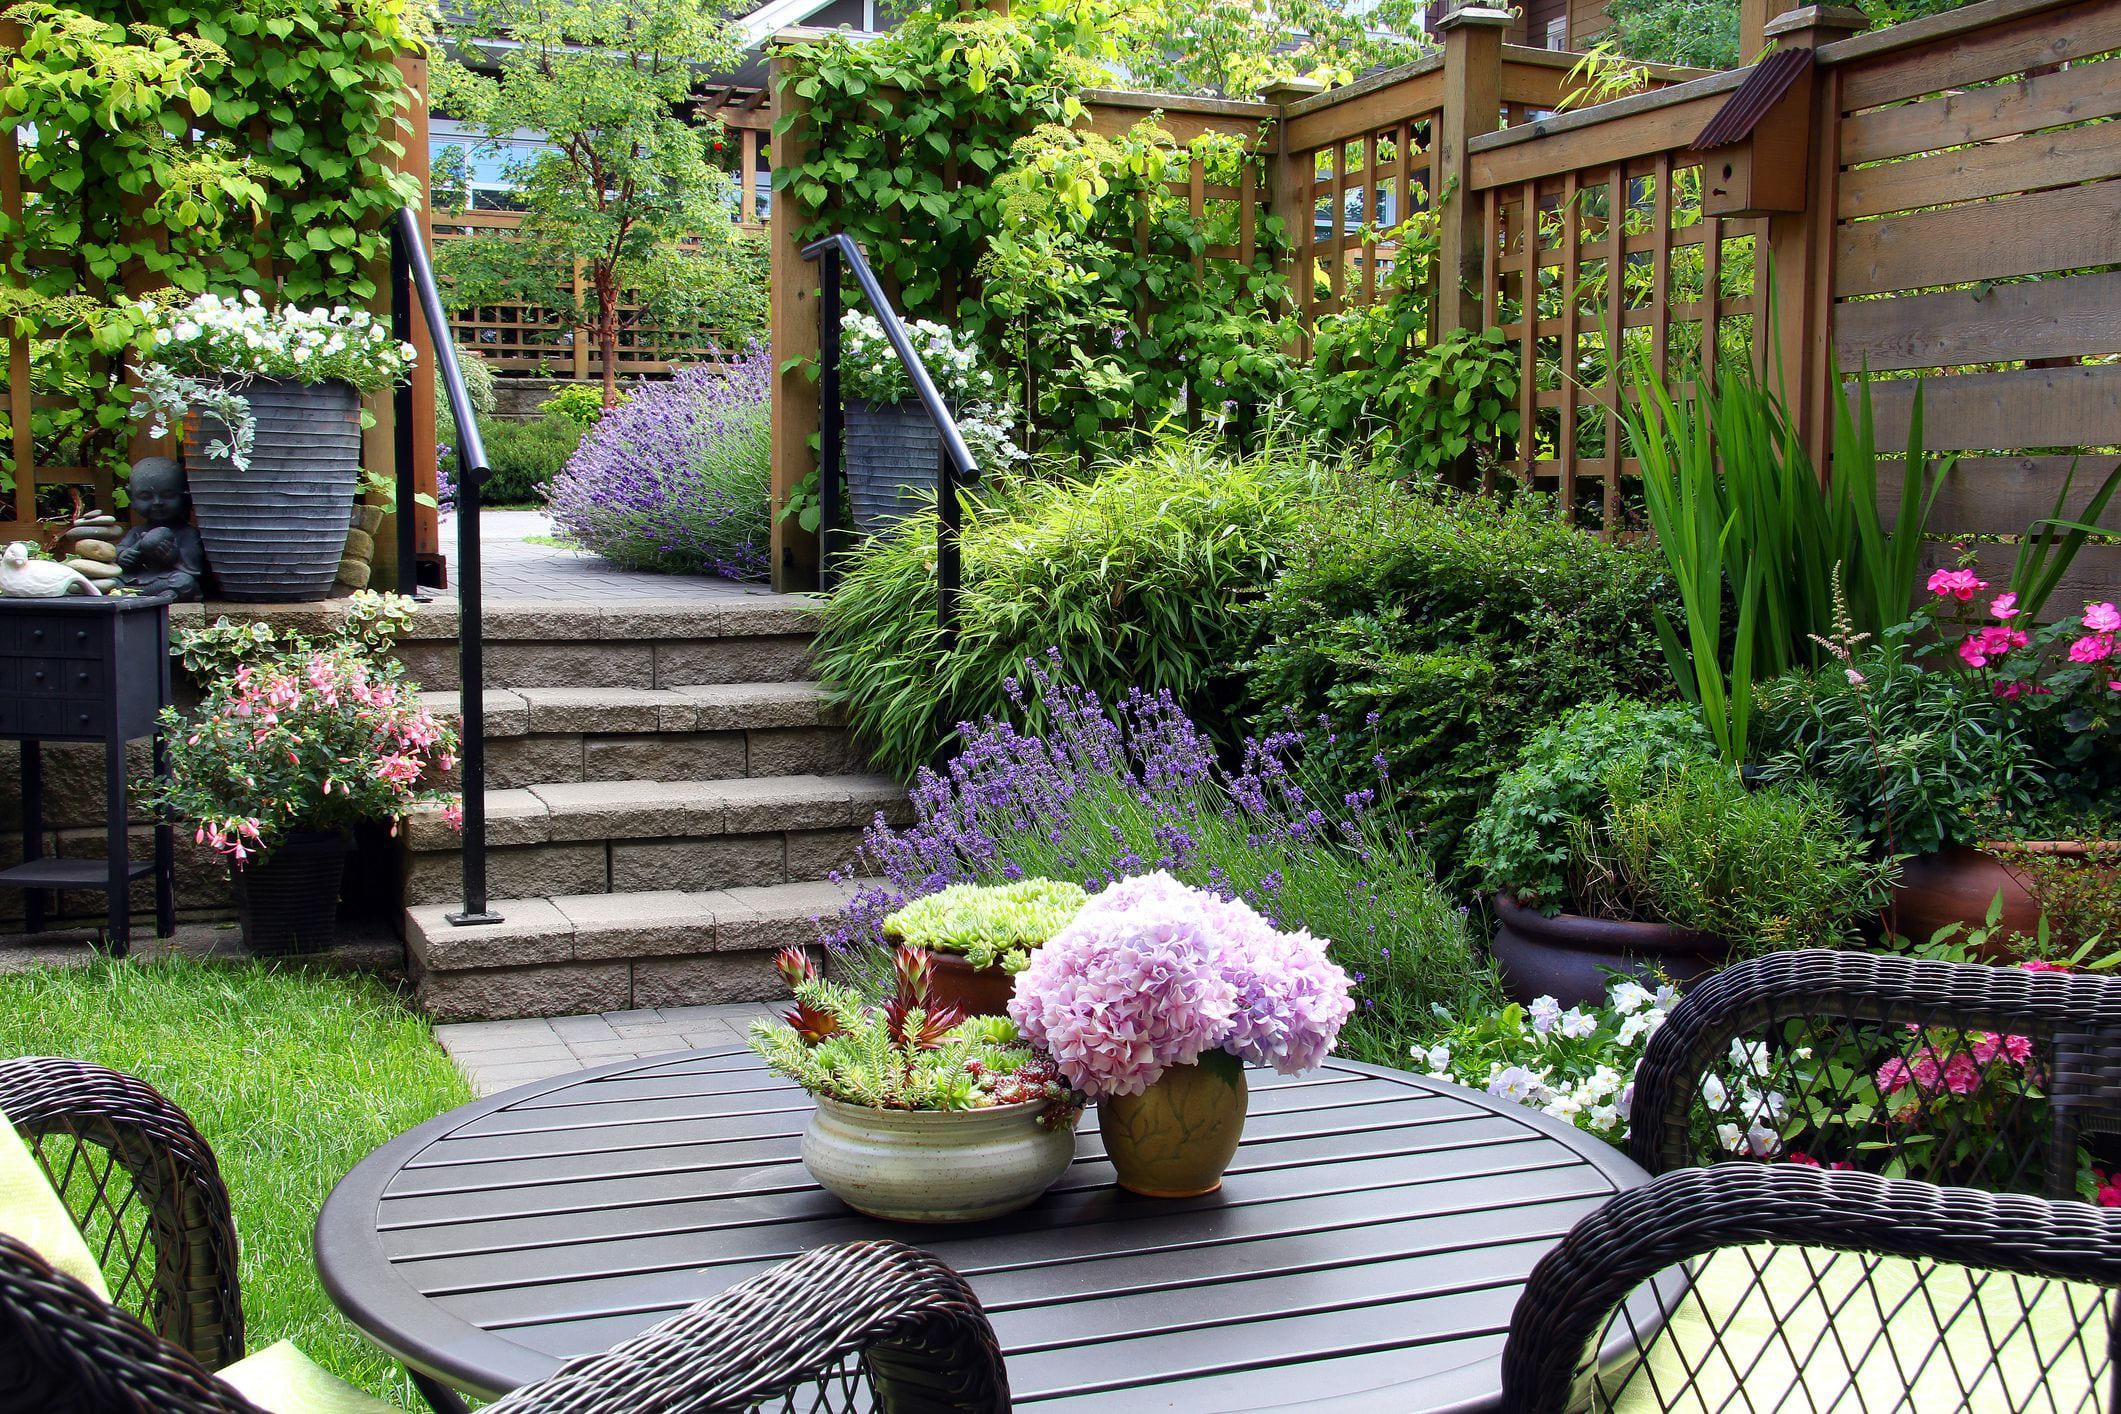 Simphome.com cheap garden ideas best gardening ideas on a budget throughout 10 garden design ideas on a budget amazing and interesting